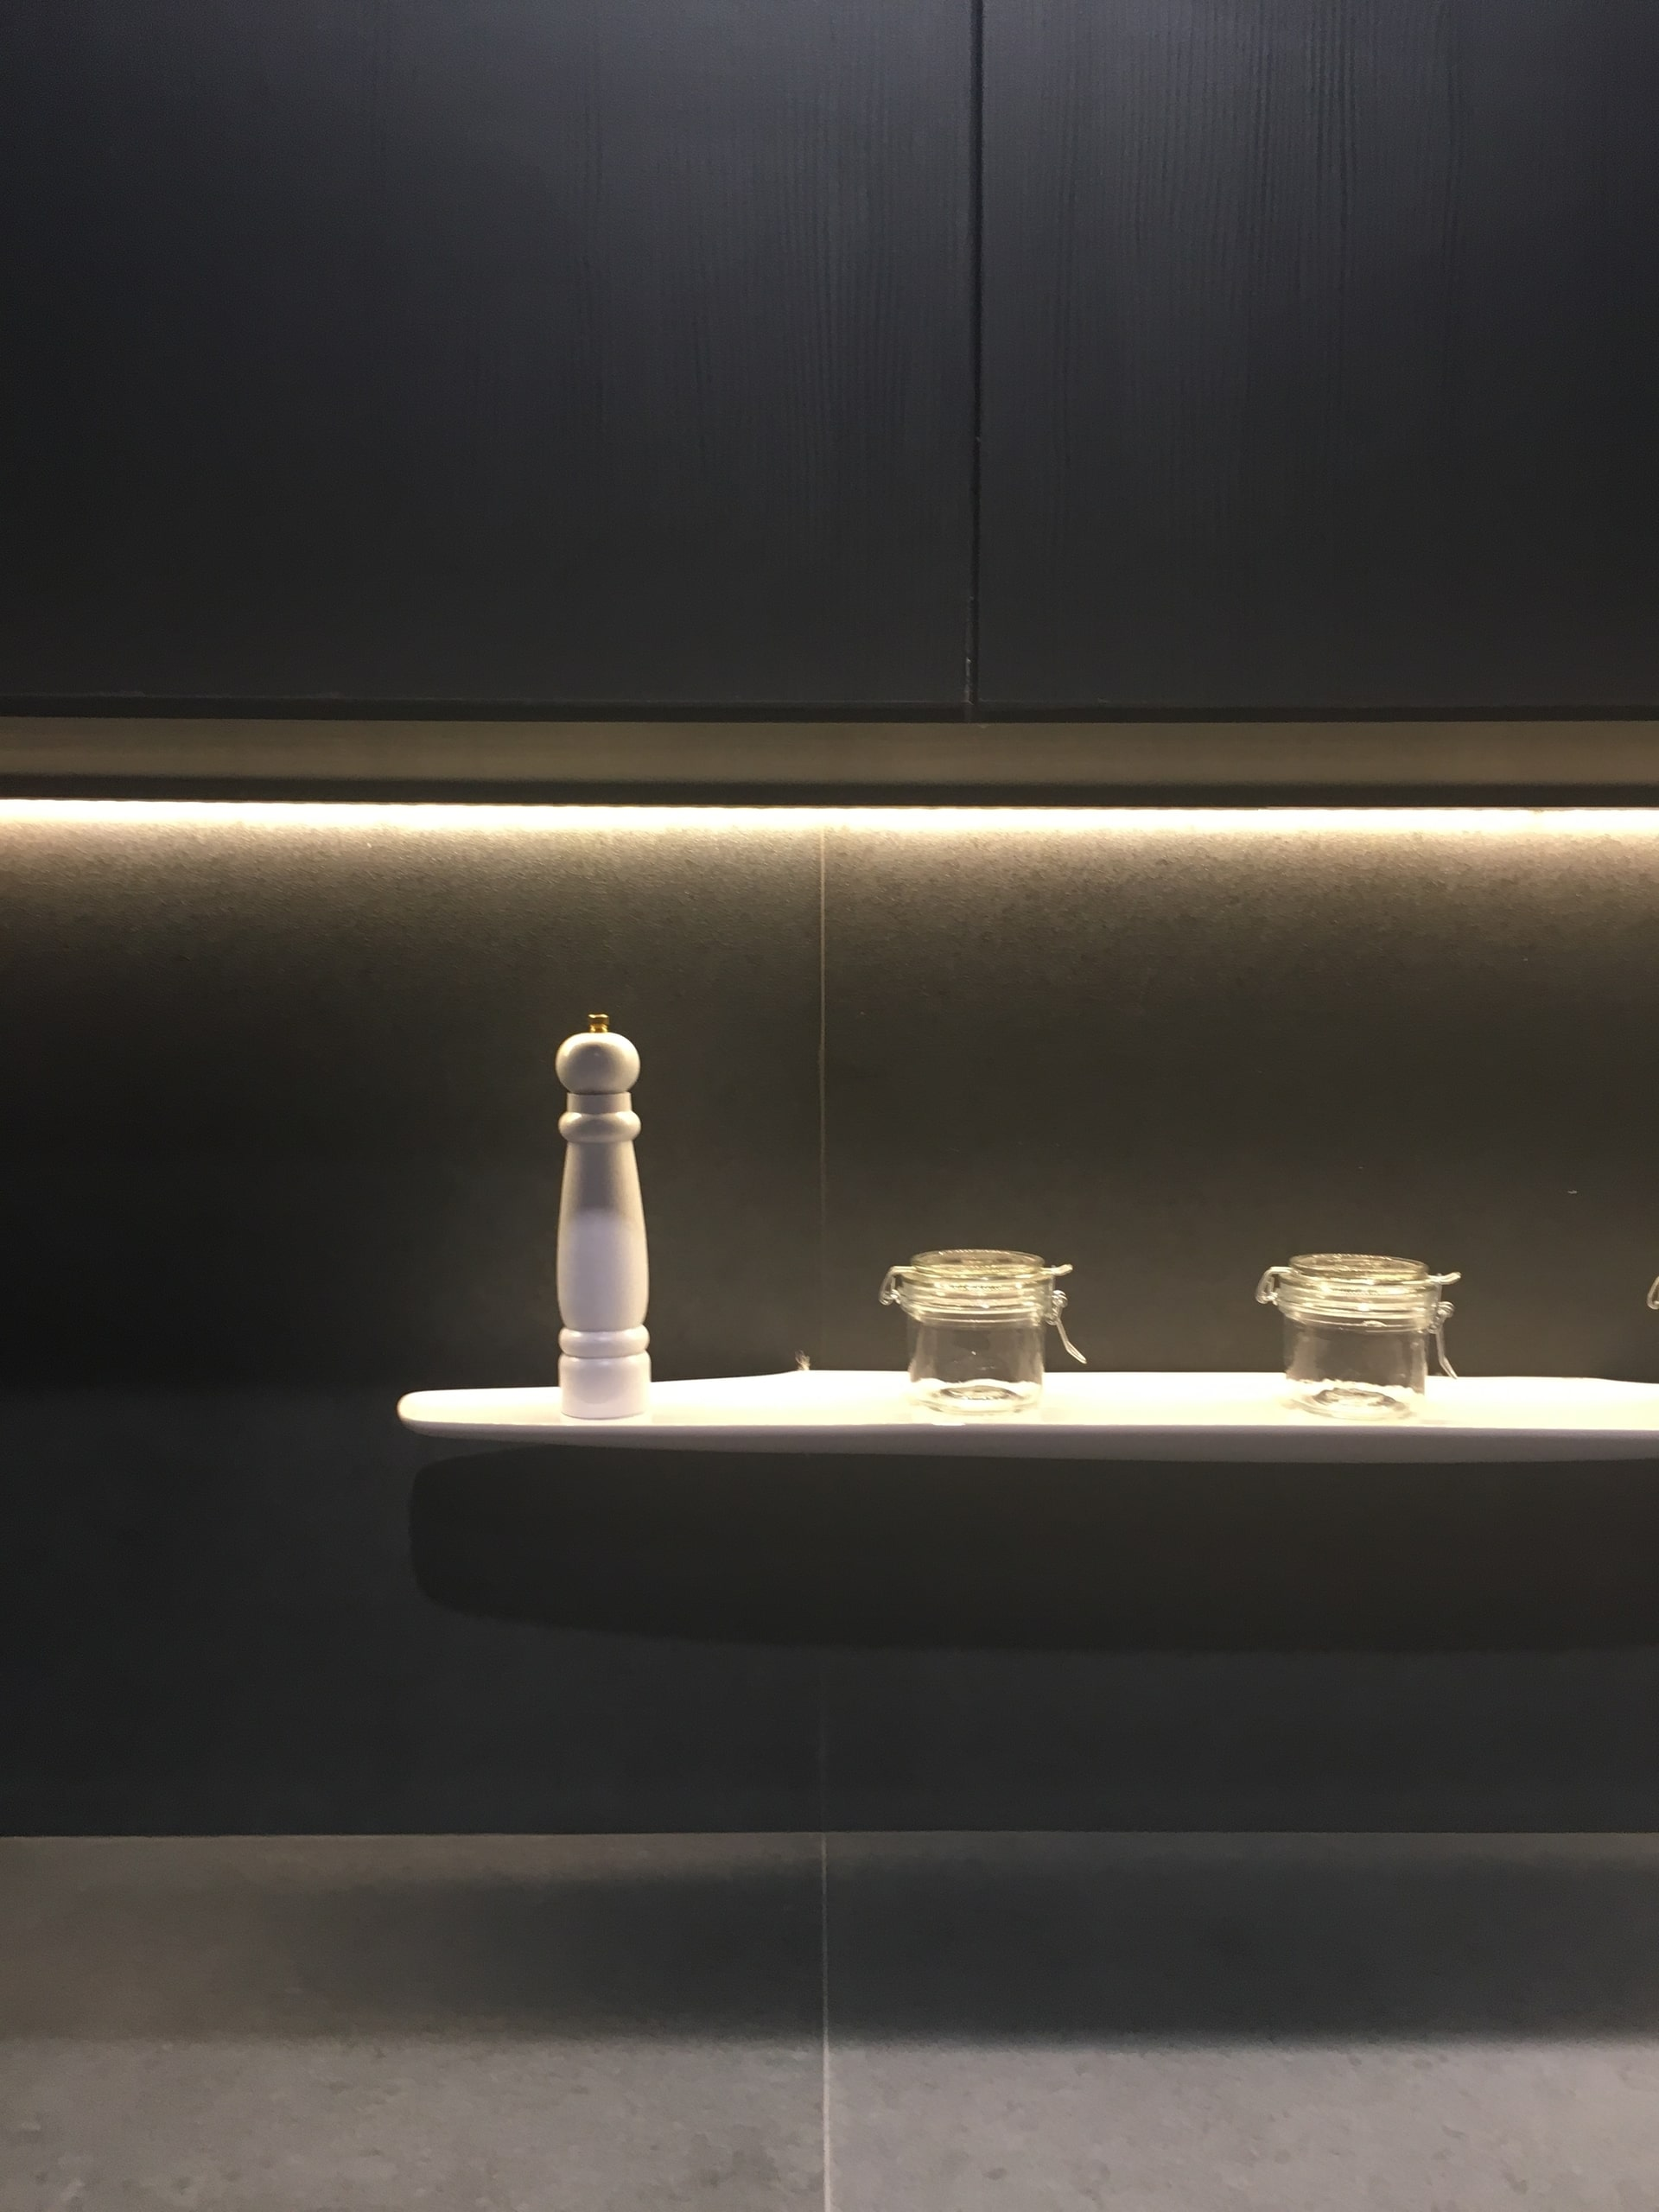 As cozinhas presentes na Expo Revestir 2019 já davam indícios que o estilo industrial se manteria como uma das principais tendências por algum tempo. A mesma atmosfera é traduzida para utilidades domésticas e suportes. Foto: Arquiteca Projetos.